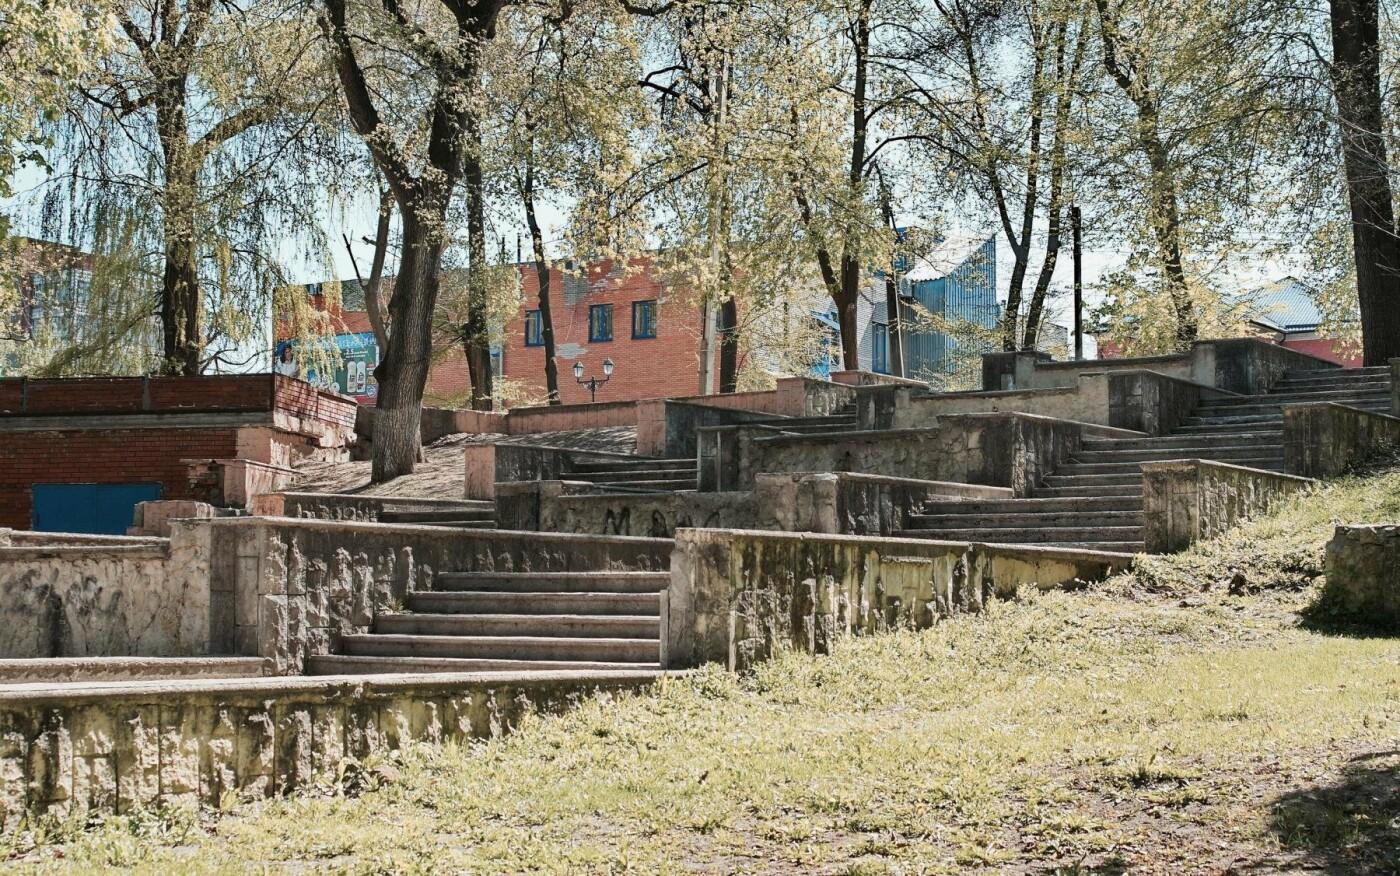 История гибели усадьбы Квитки-Основяненко: Из дворца в руины (ФОТО), фото-7